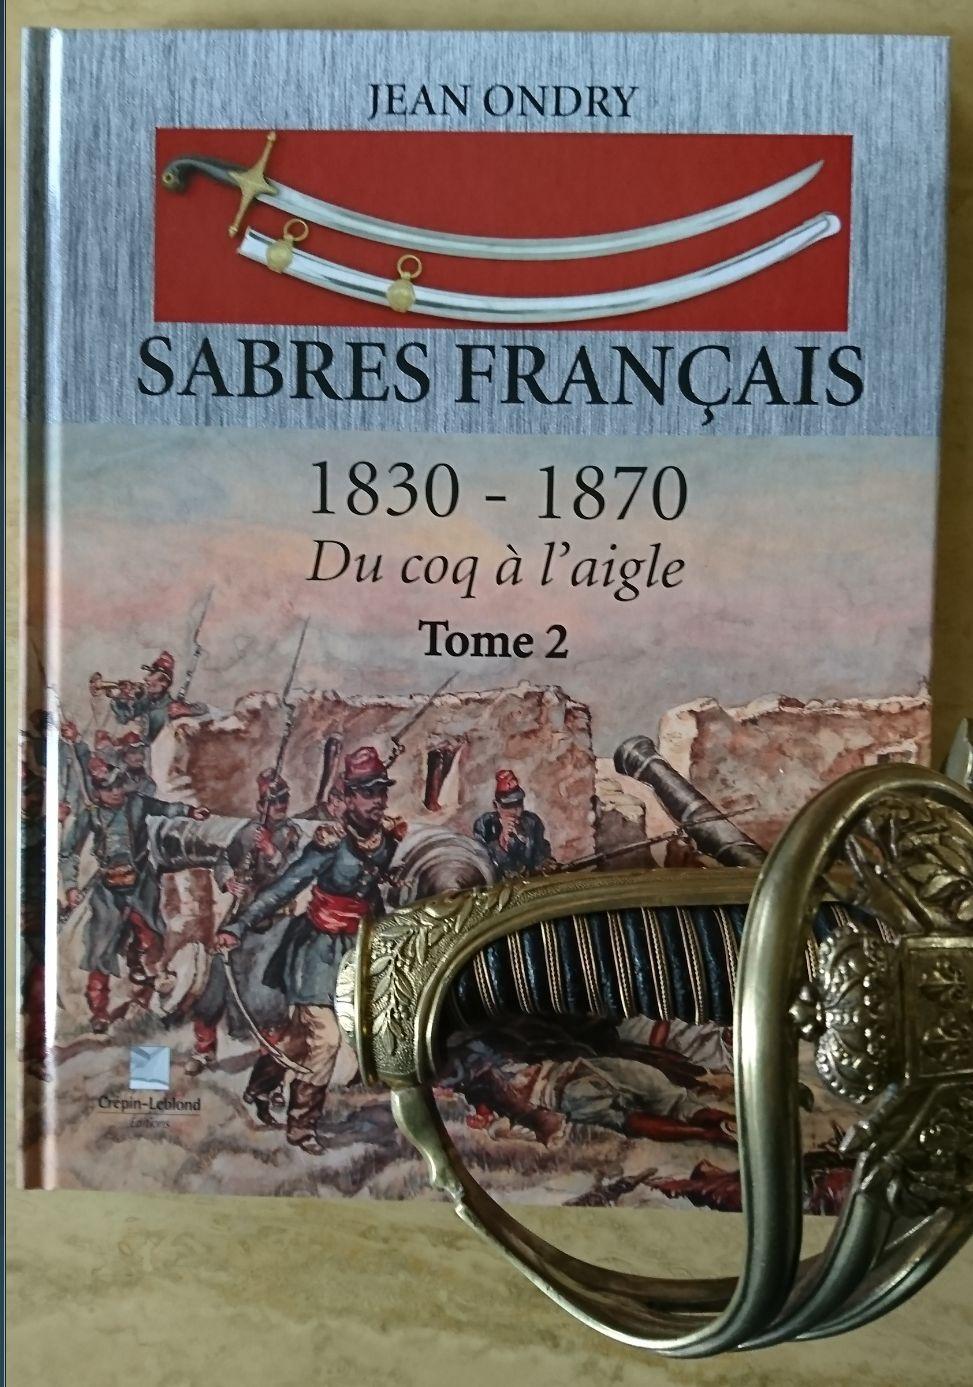 LIVRE T2 SABRES FRANCAIS 1830-1870 - Page 3 Ondry_10